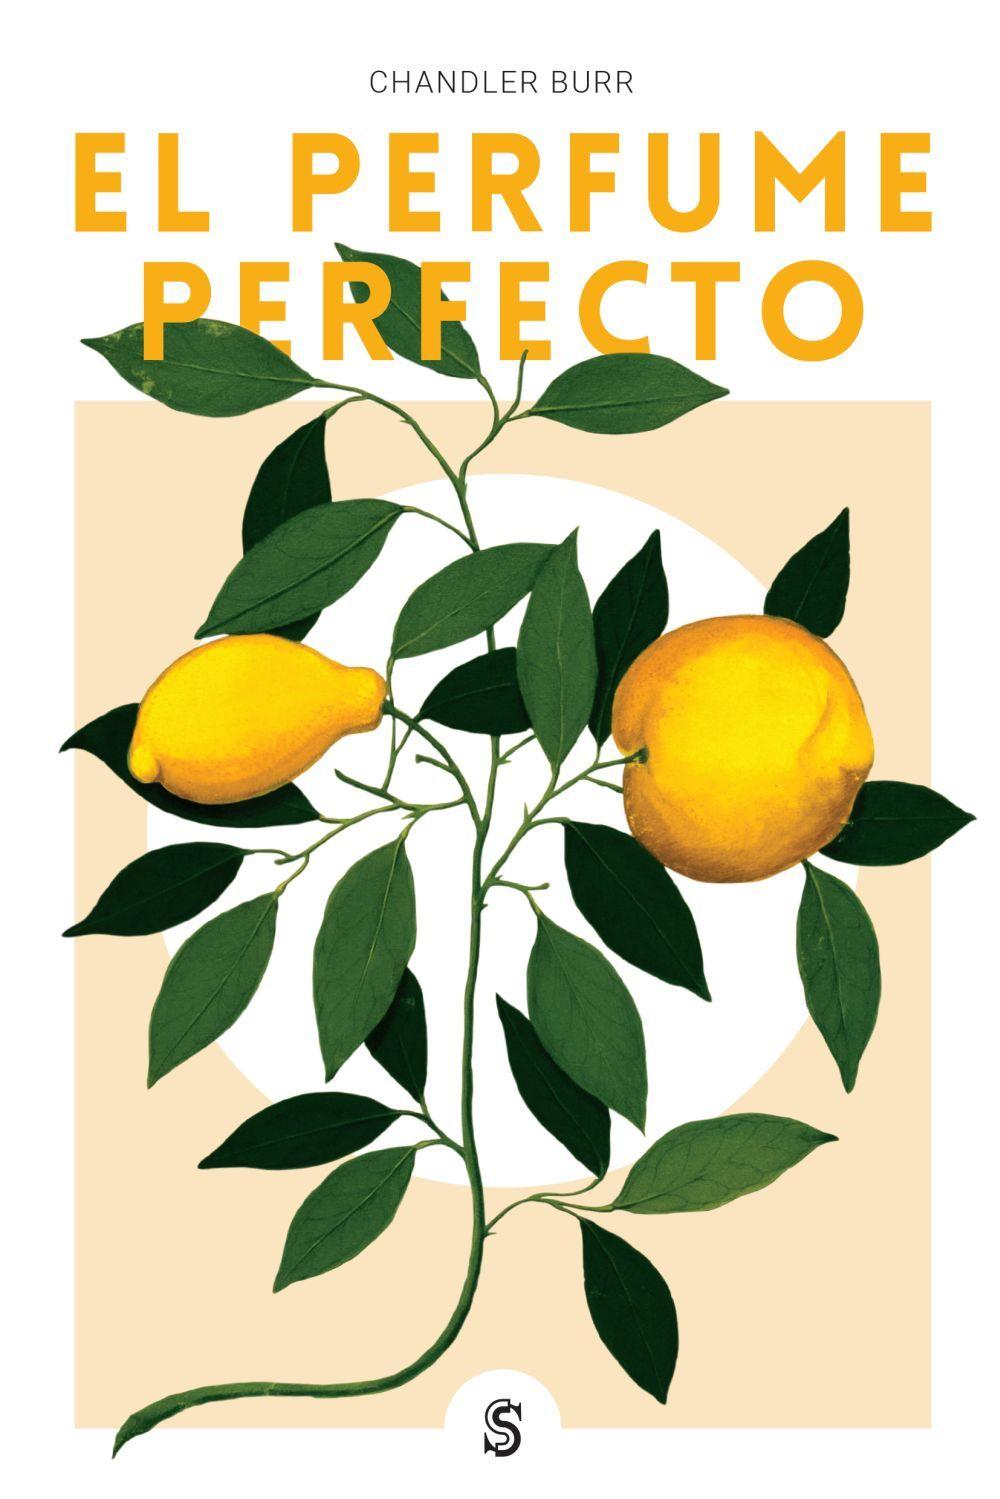 El Perfume Perfecto, de Chandler Burr (22,90 euros. Ed. Superflua).